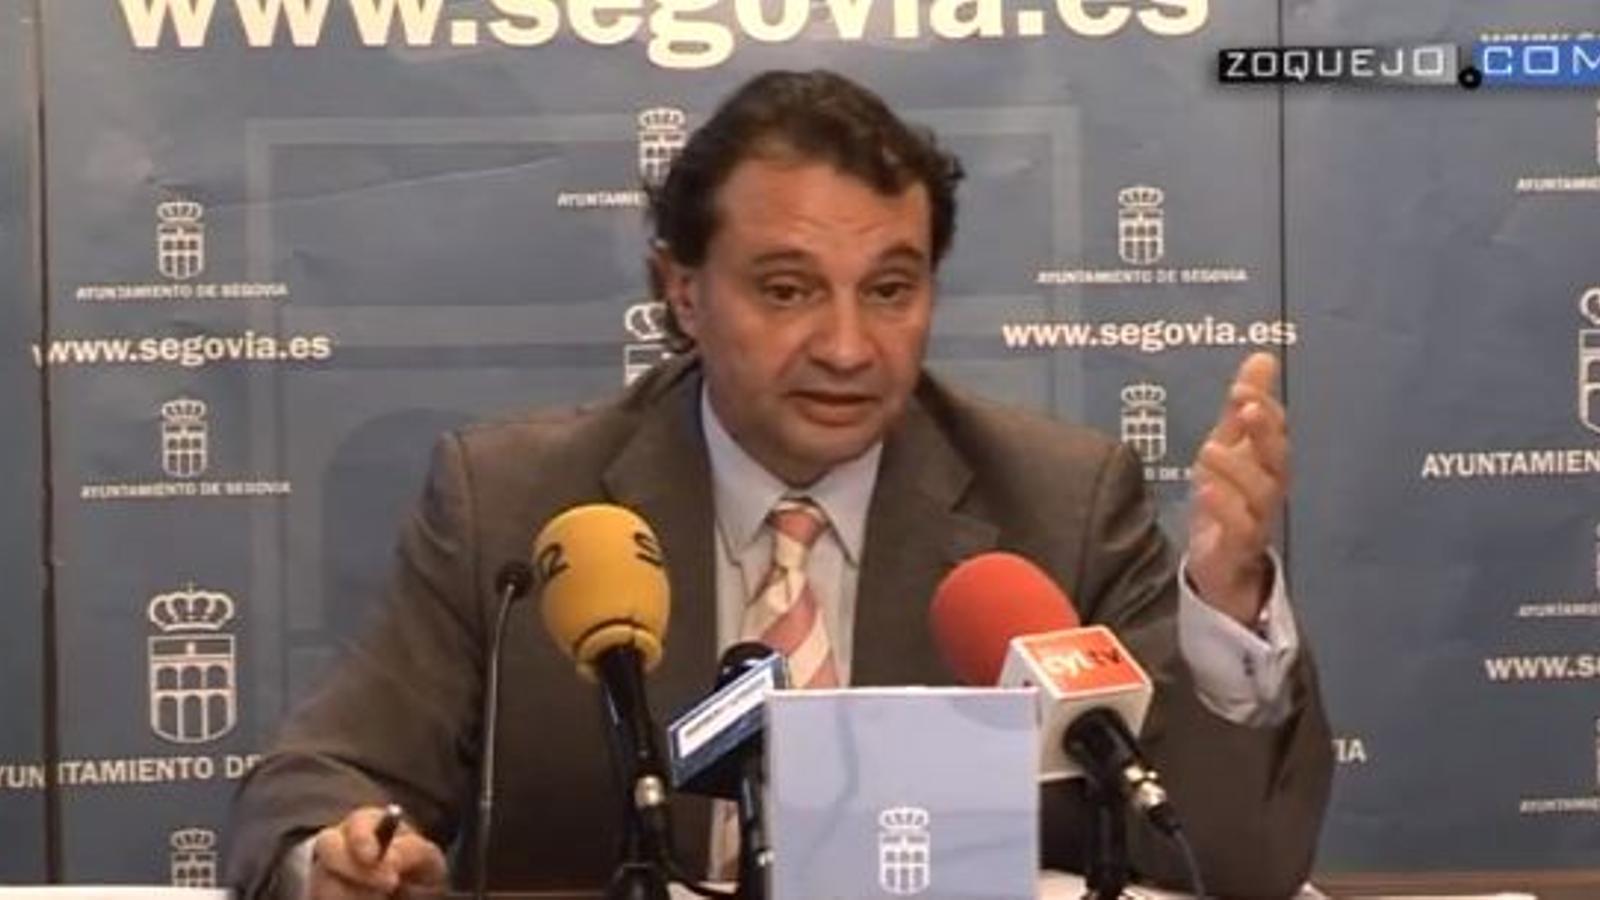 L'alcalde de Segòvia: Em declararé català perquè no val la pena continuar a Castella i Lleó